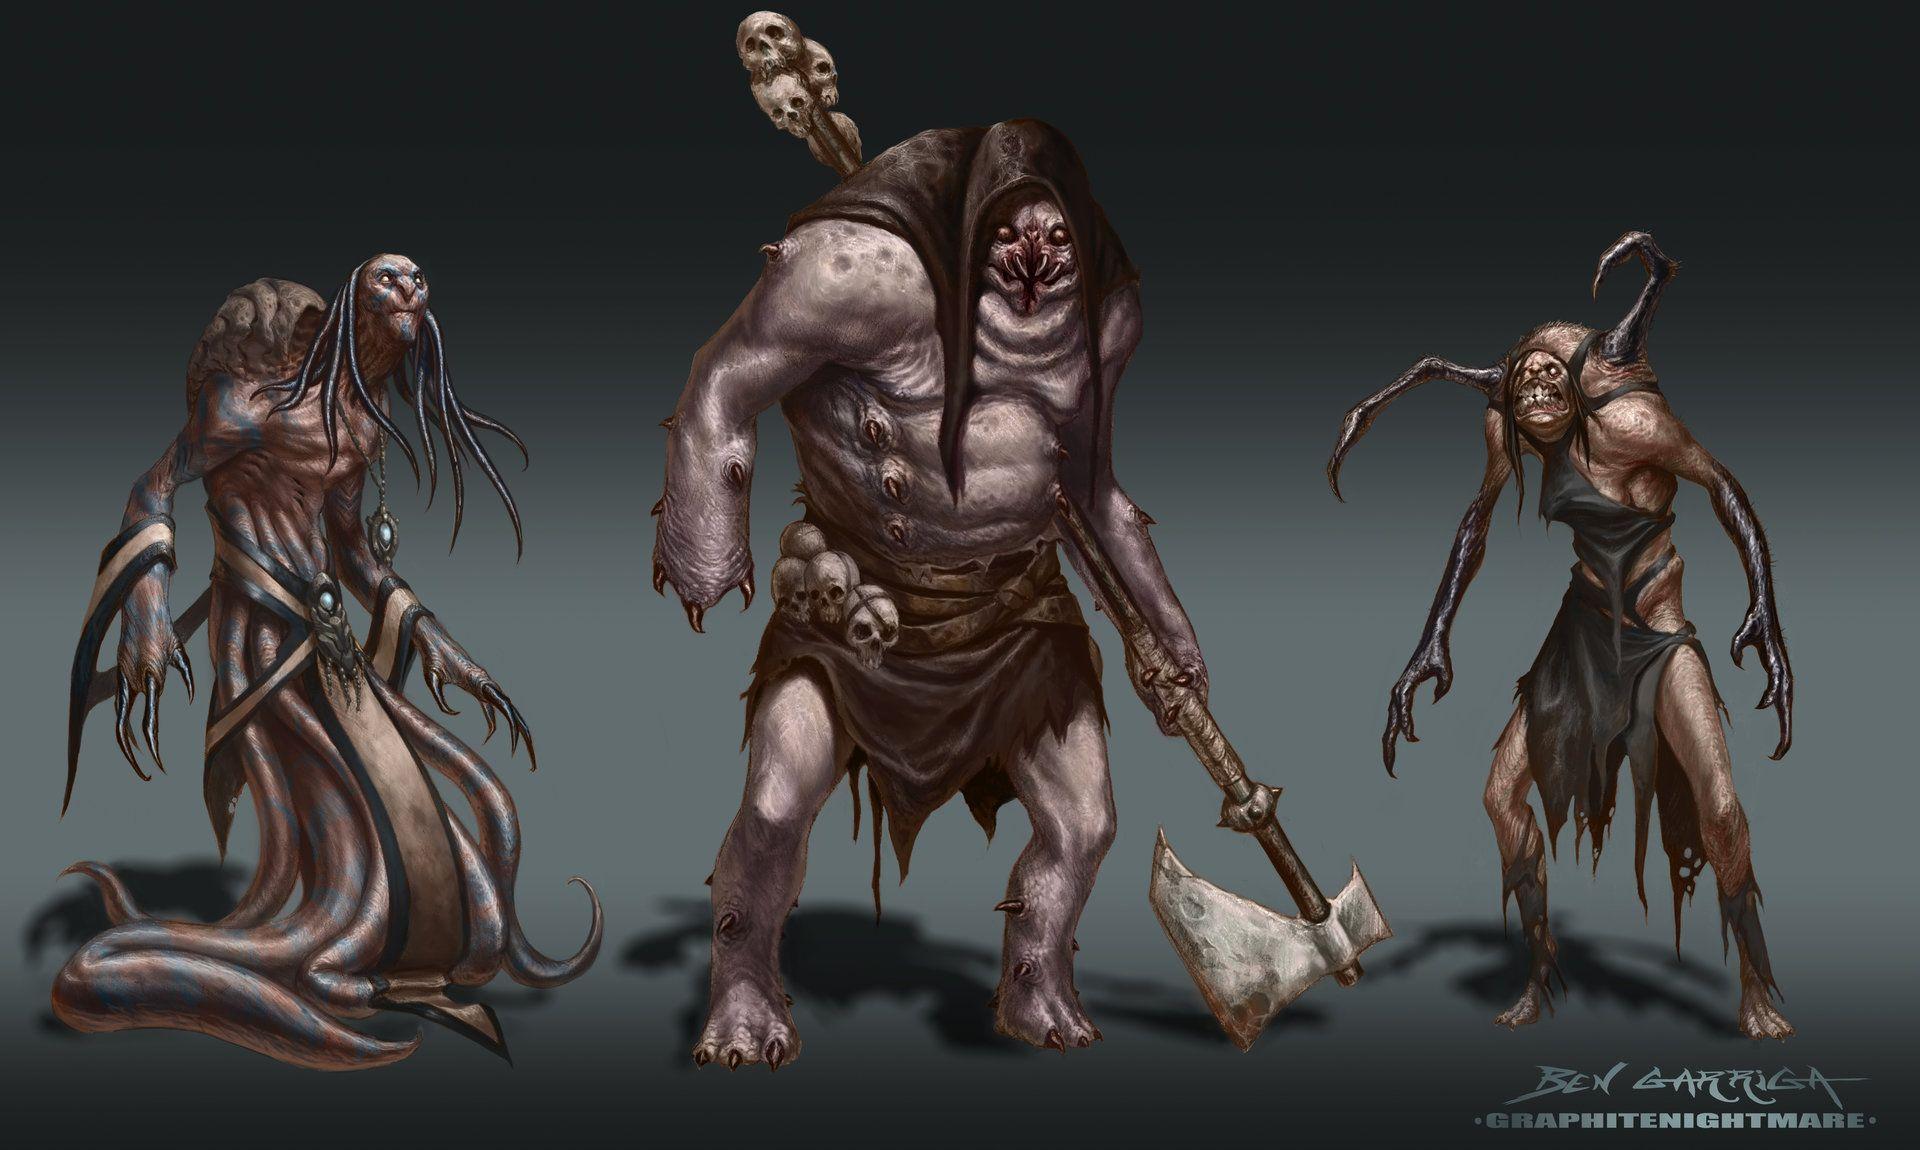 monster character design horror undead concept grave ruin  - Horror Characters, Ben Garriga